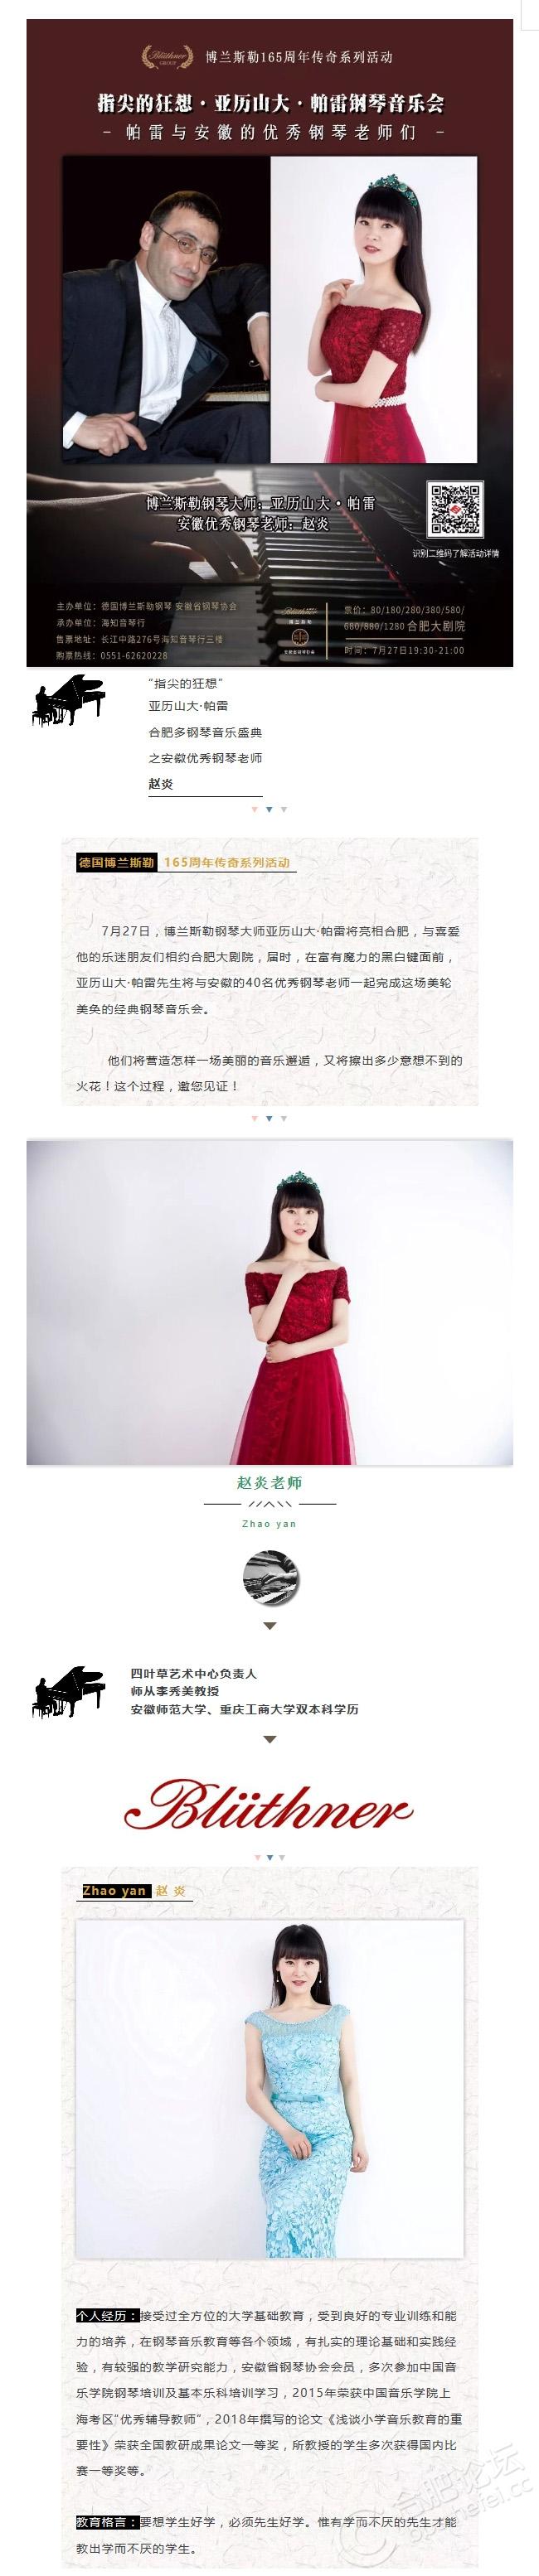 zhaoyan.jpg